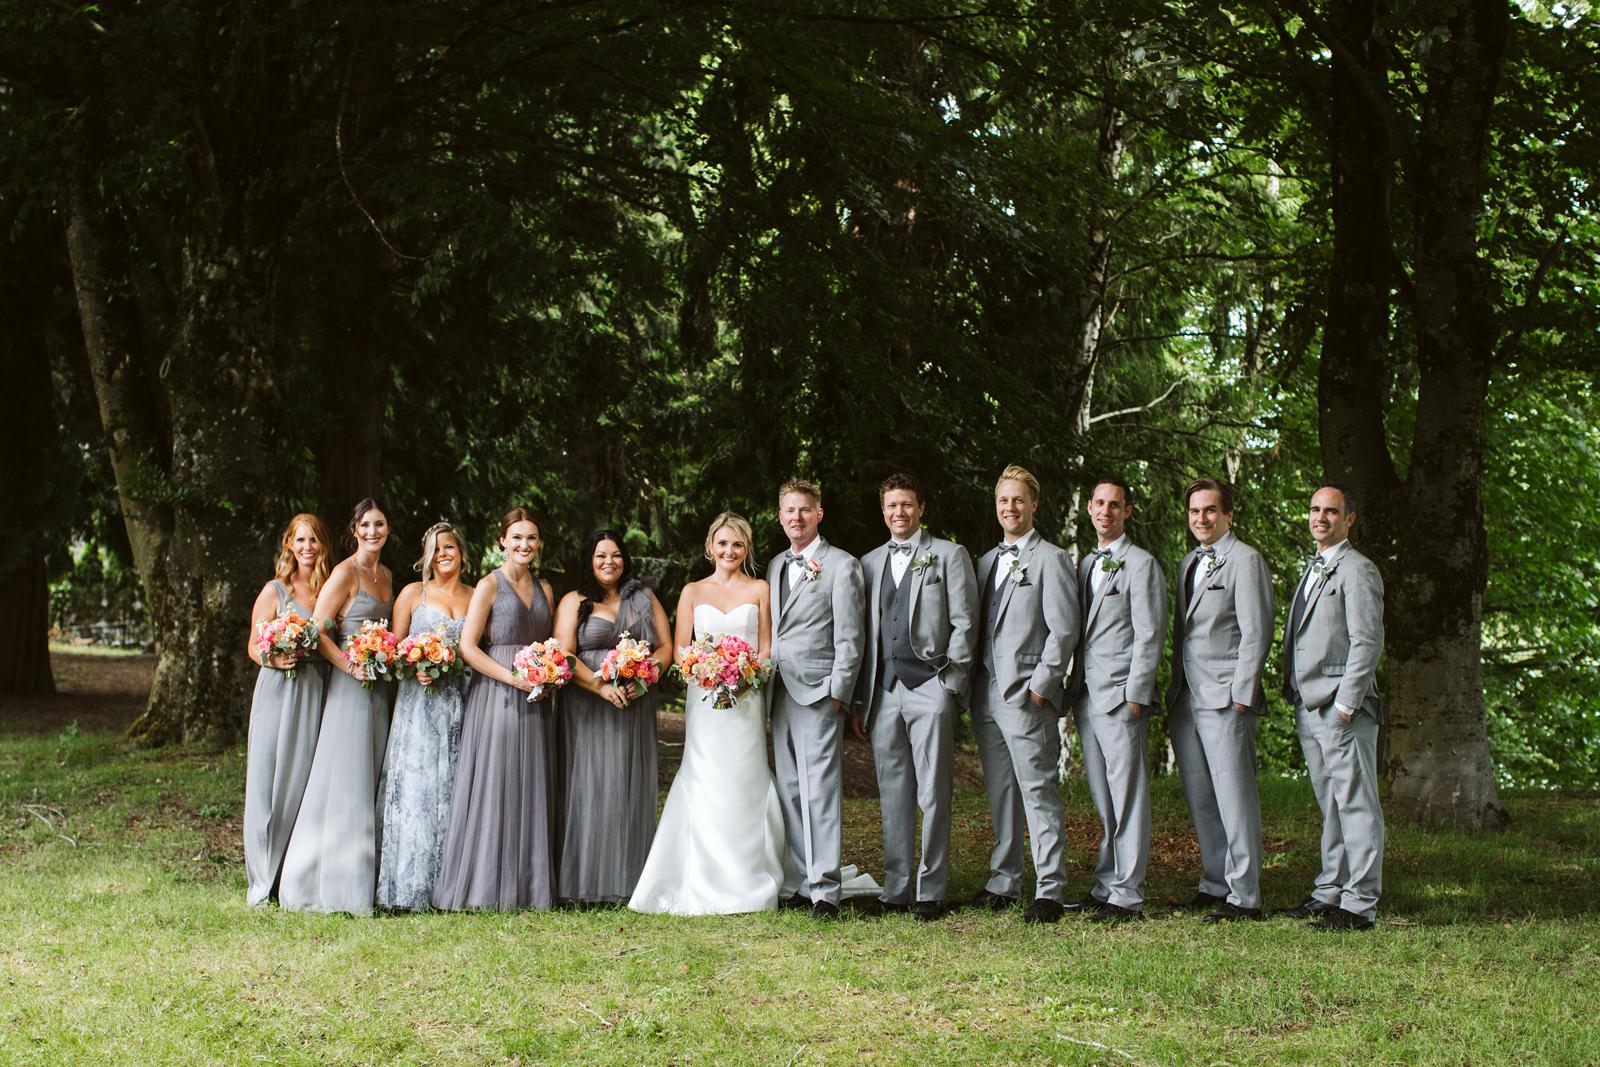 099-daronjackson-gabby-alec-wedding.jpg